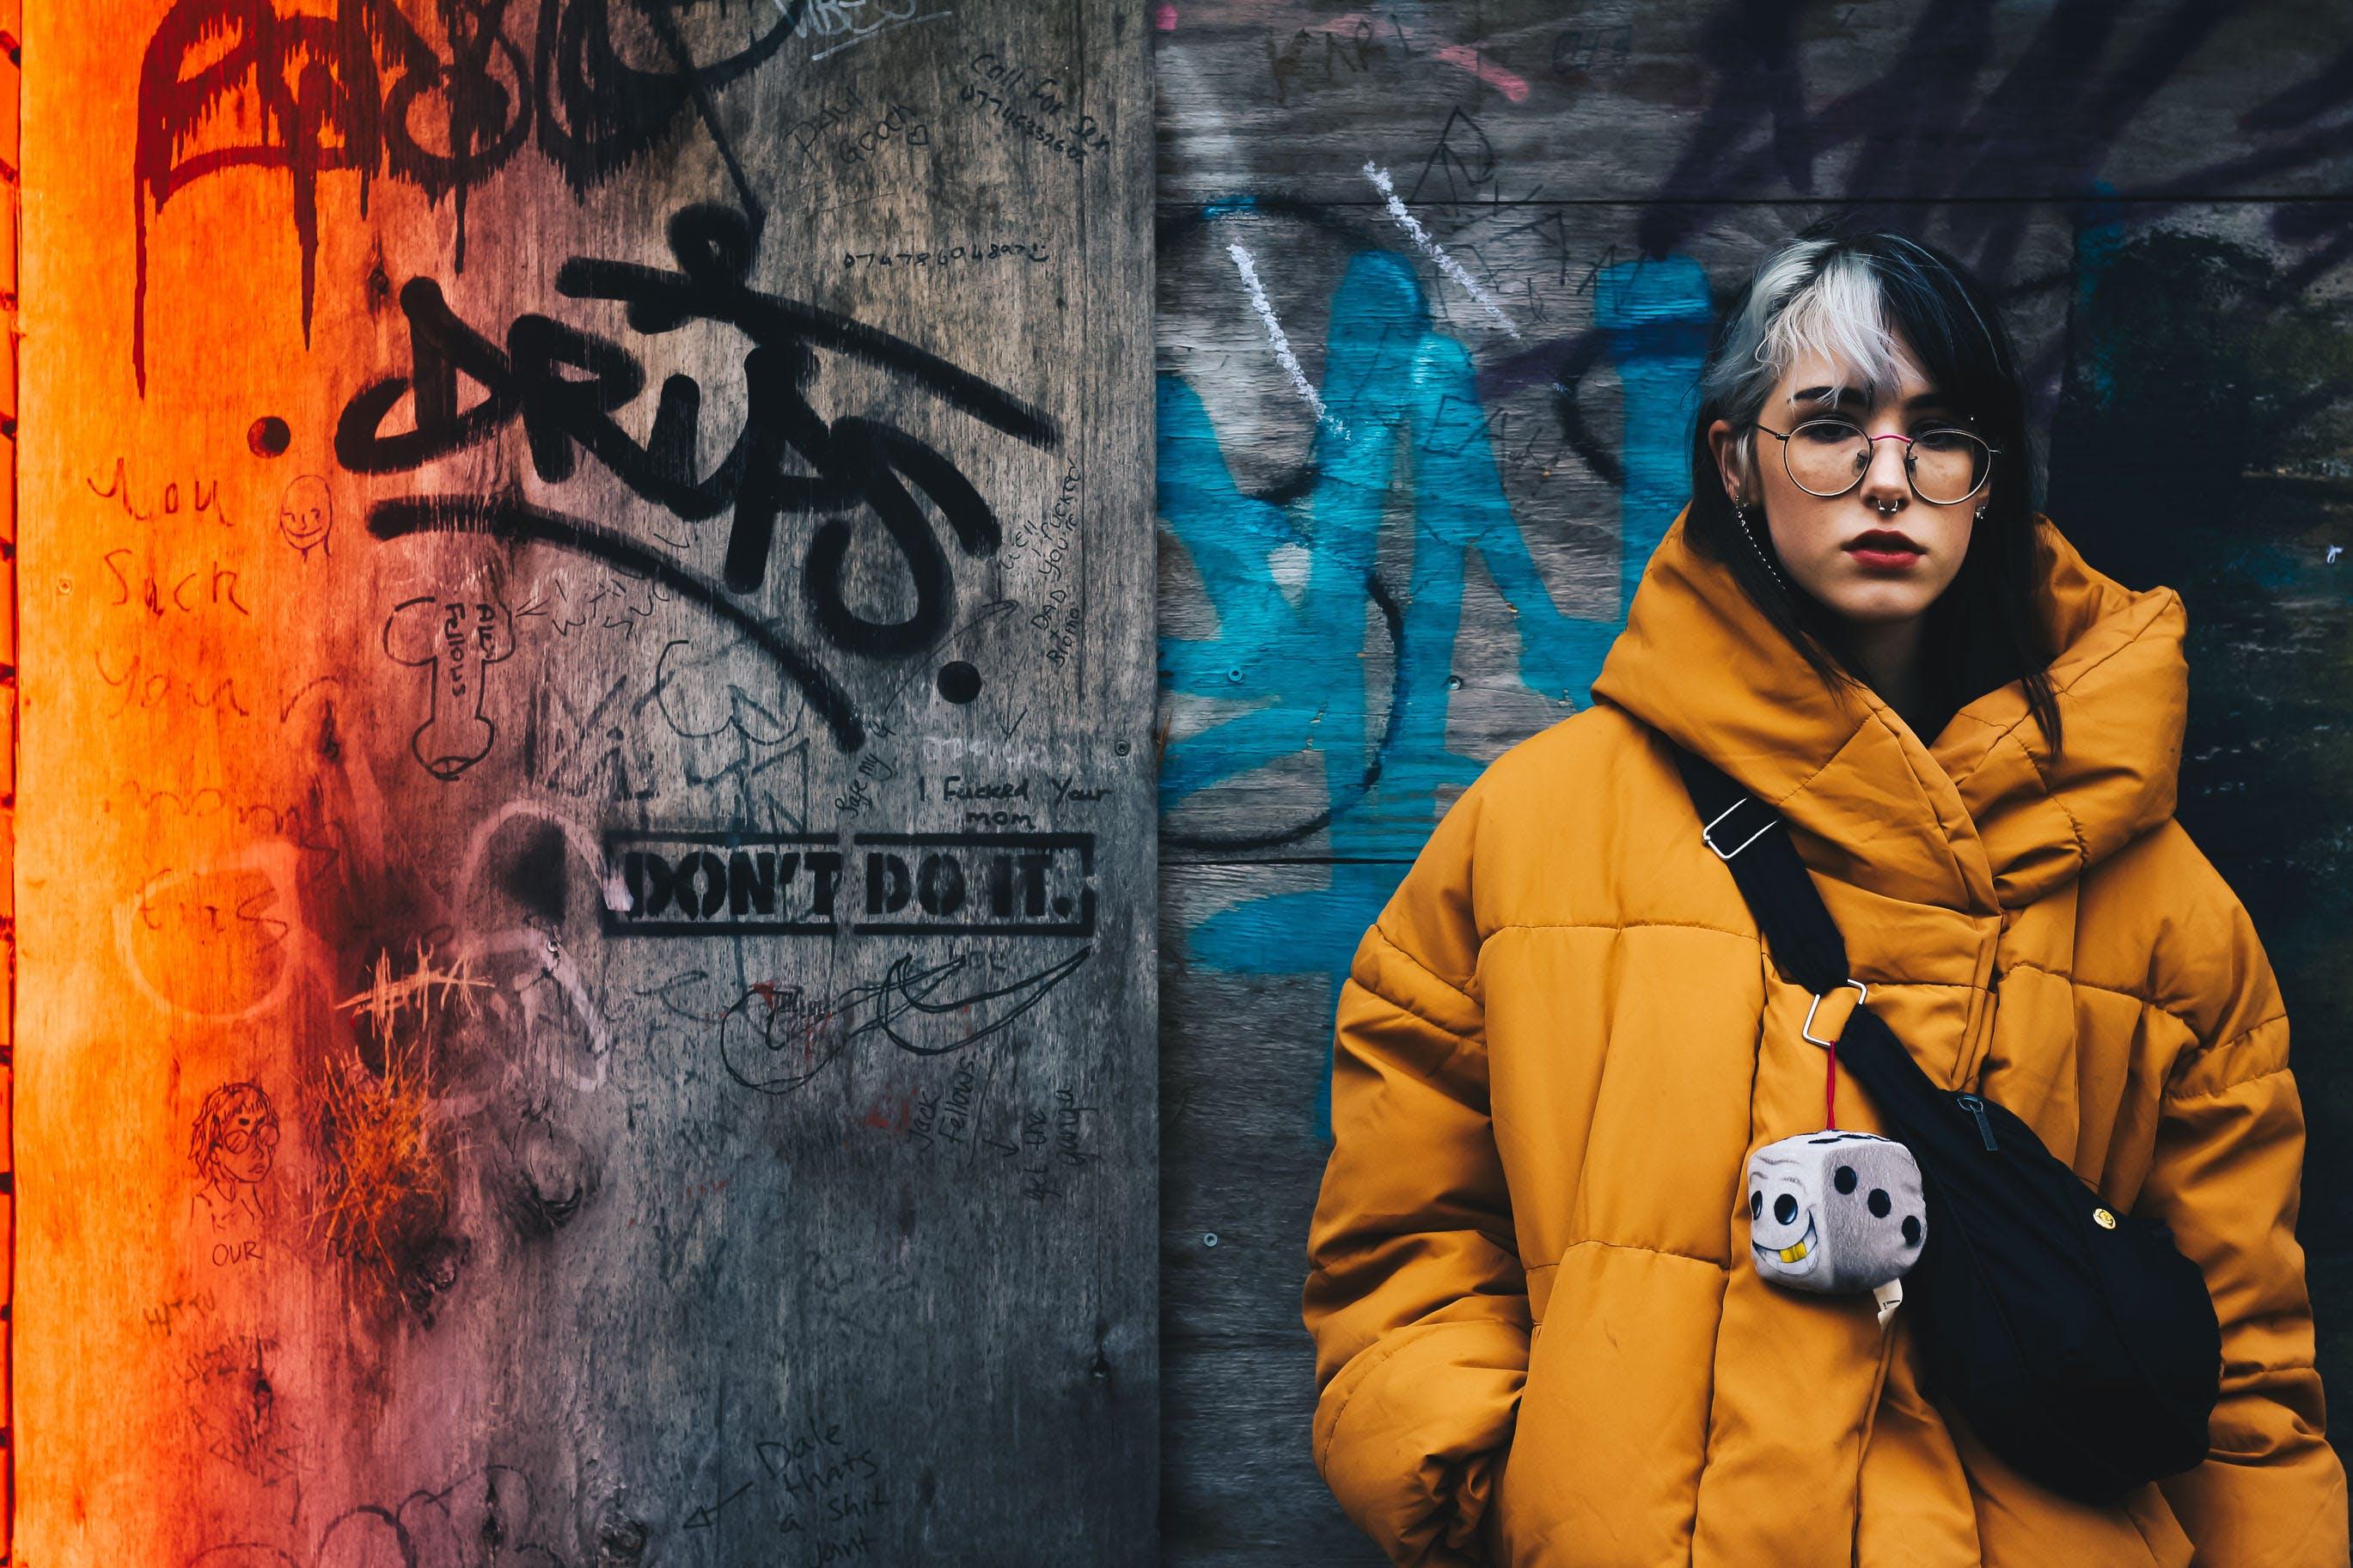 冬季夾克, 塗鴉, 女人, 擺姿勢 的 免费素材照片